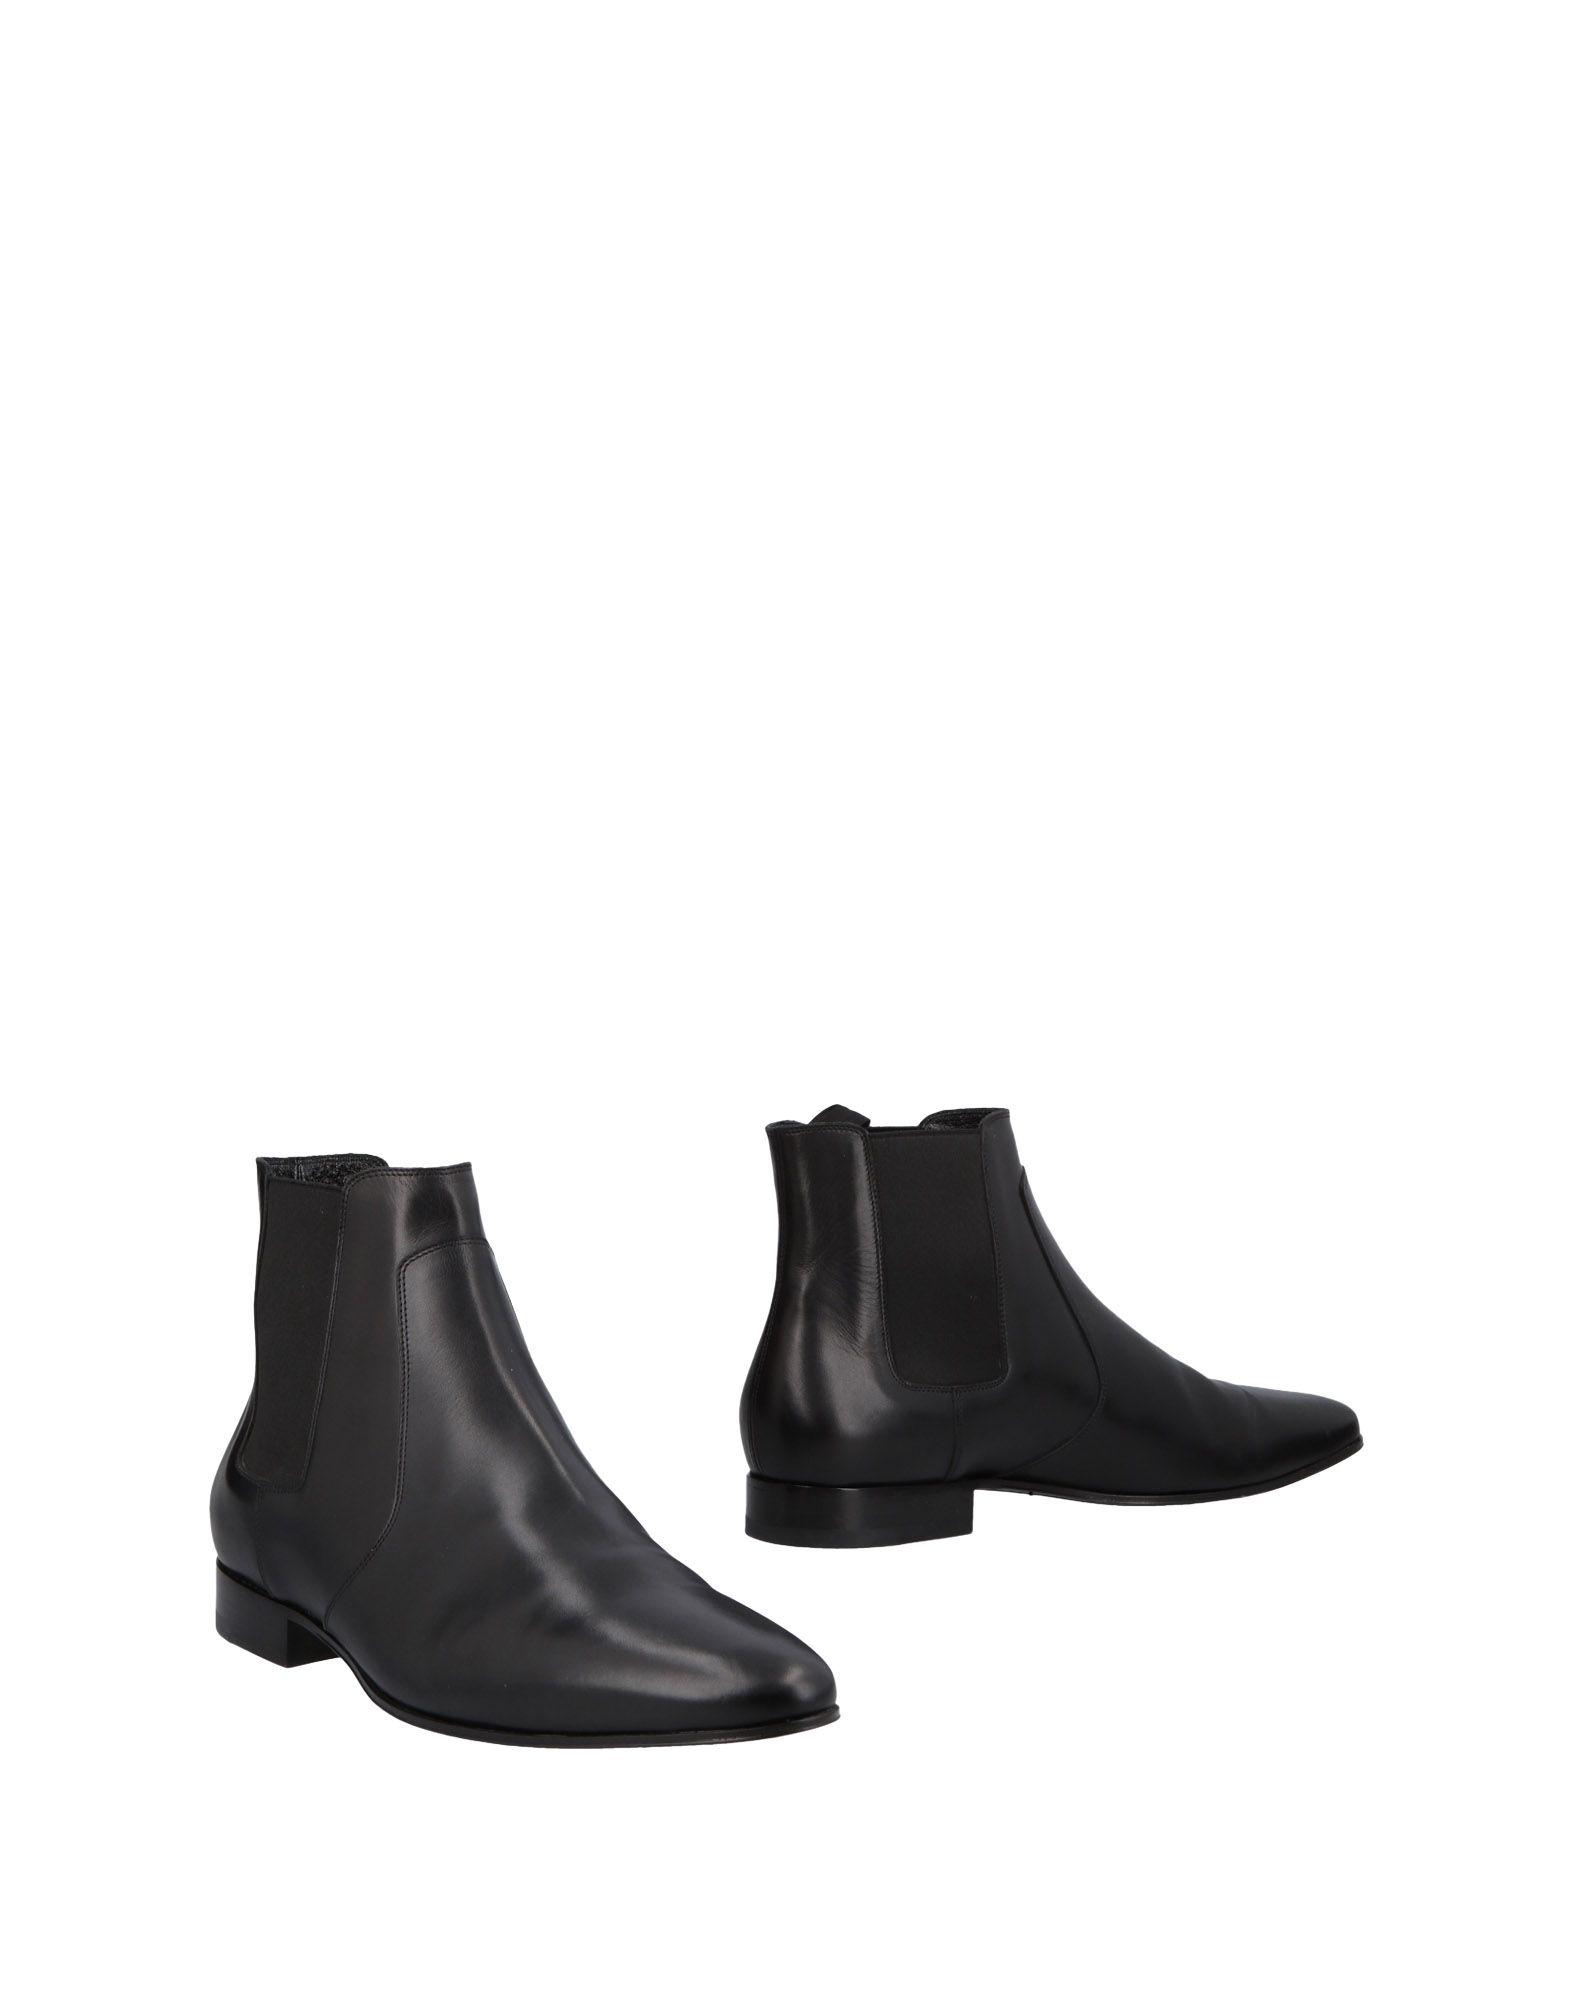 Saint Laurent Stiefelette Herren  11478583EW Gute Qualität beliebte Schuhe